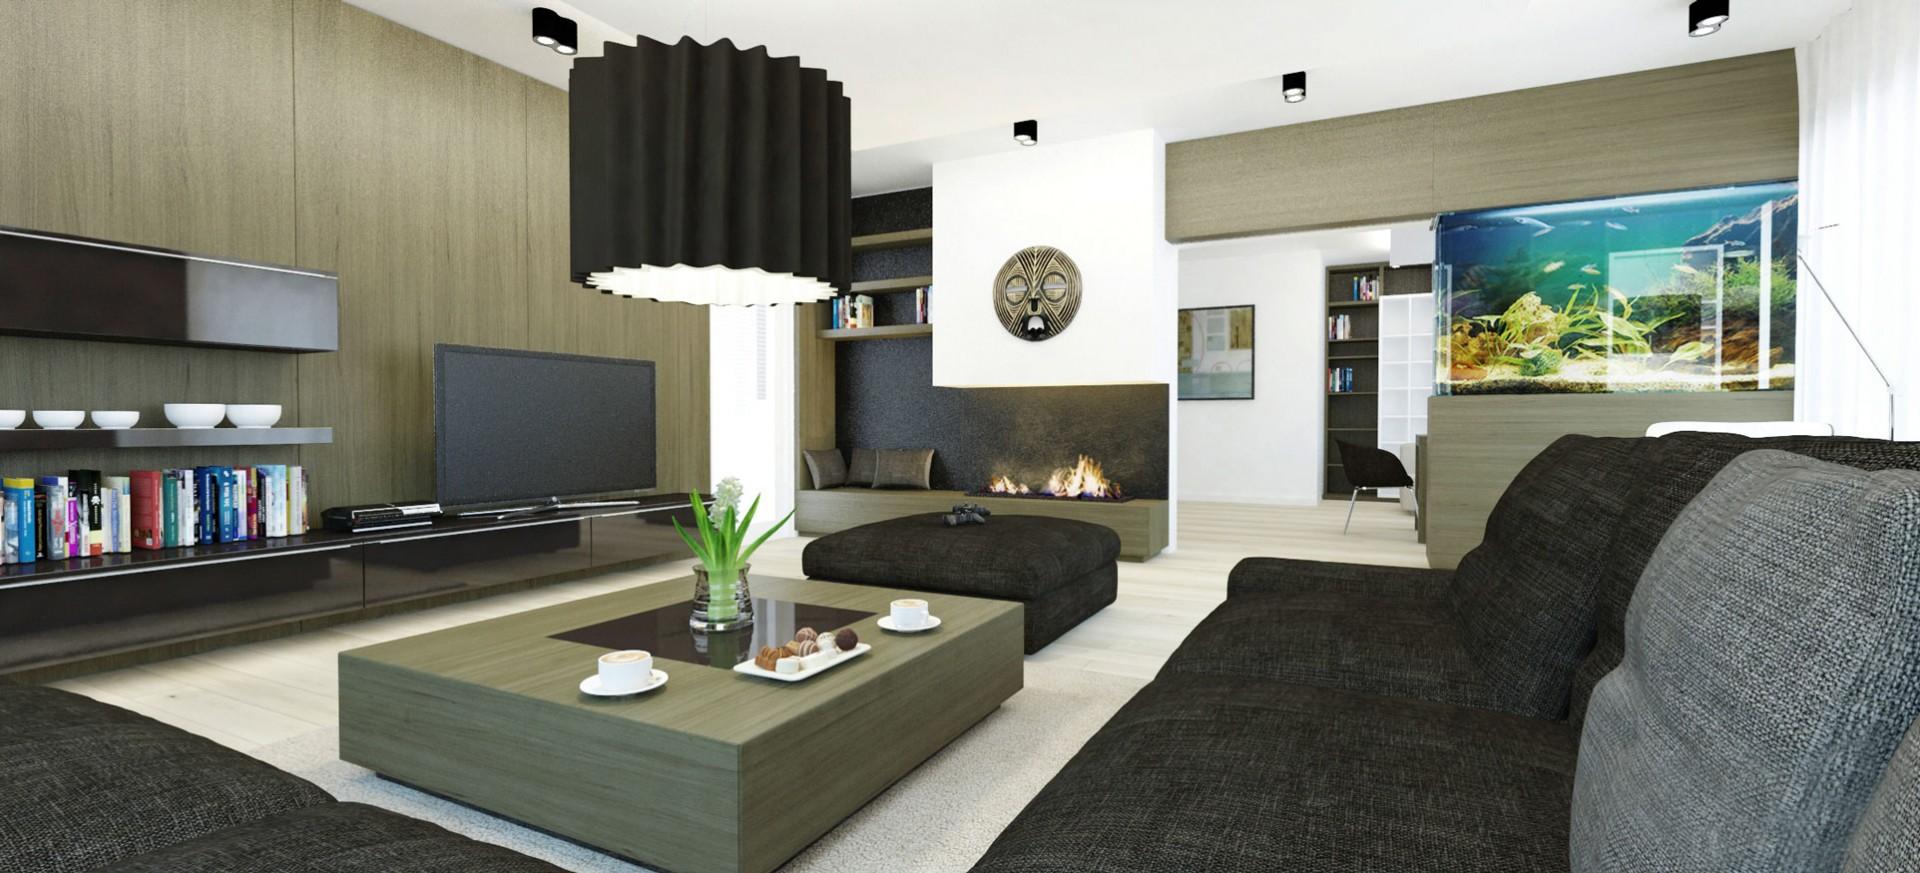 návrh interiéru obývačky s krbom a akváriom